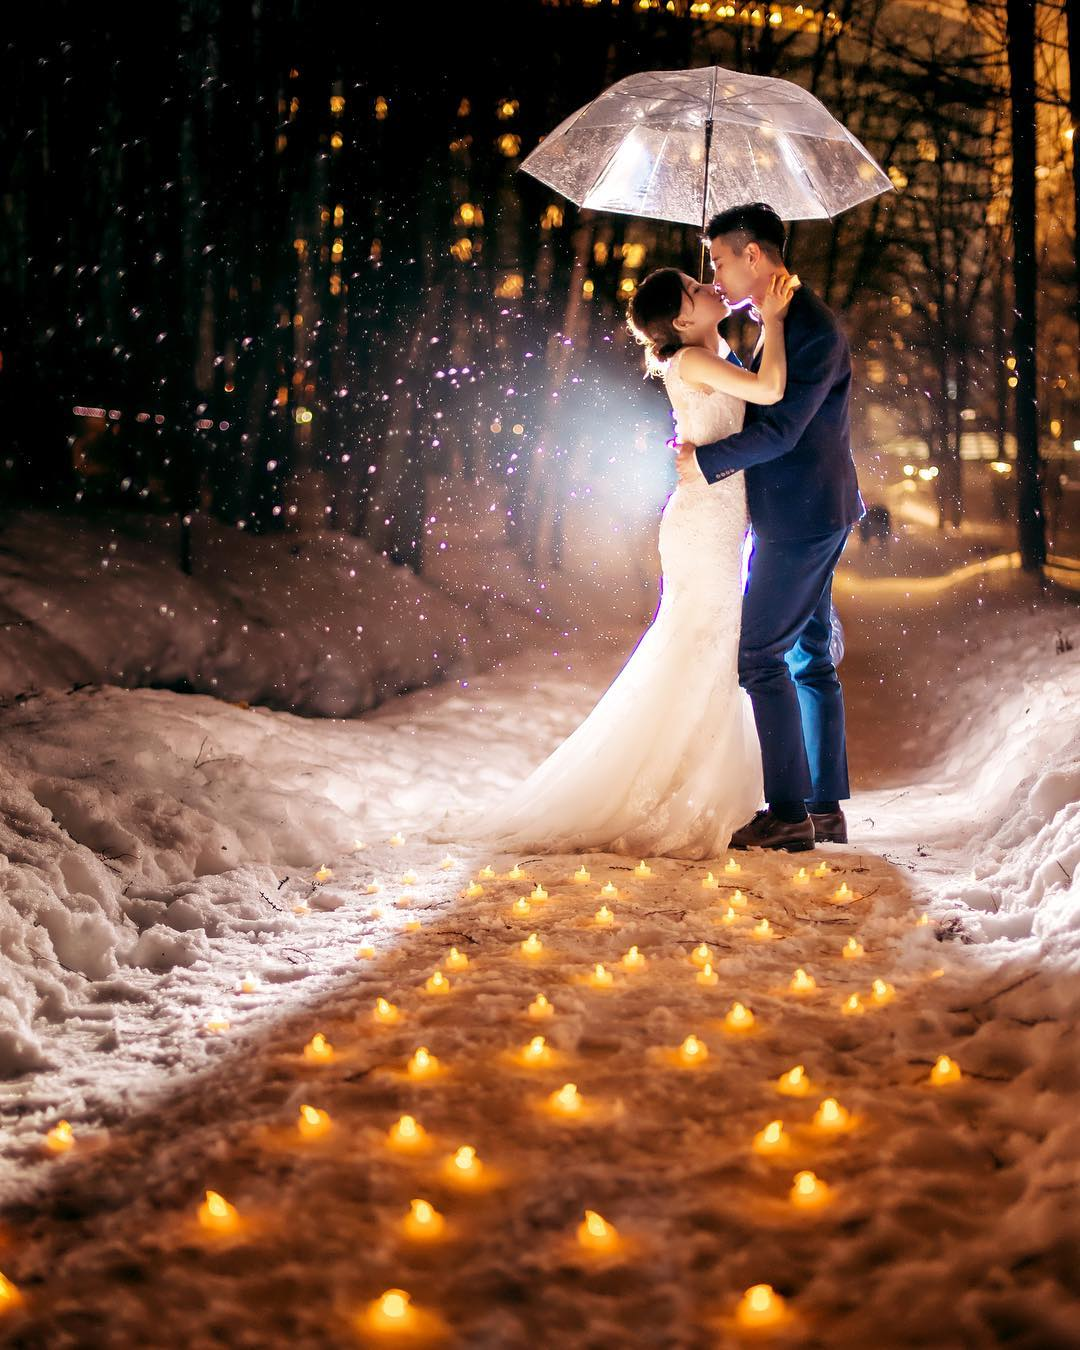 讓朋友羨慕不已的婚紗-❤️北海道雪景婚紗❤️